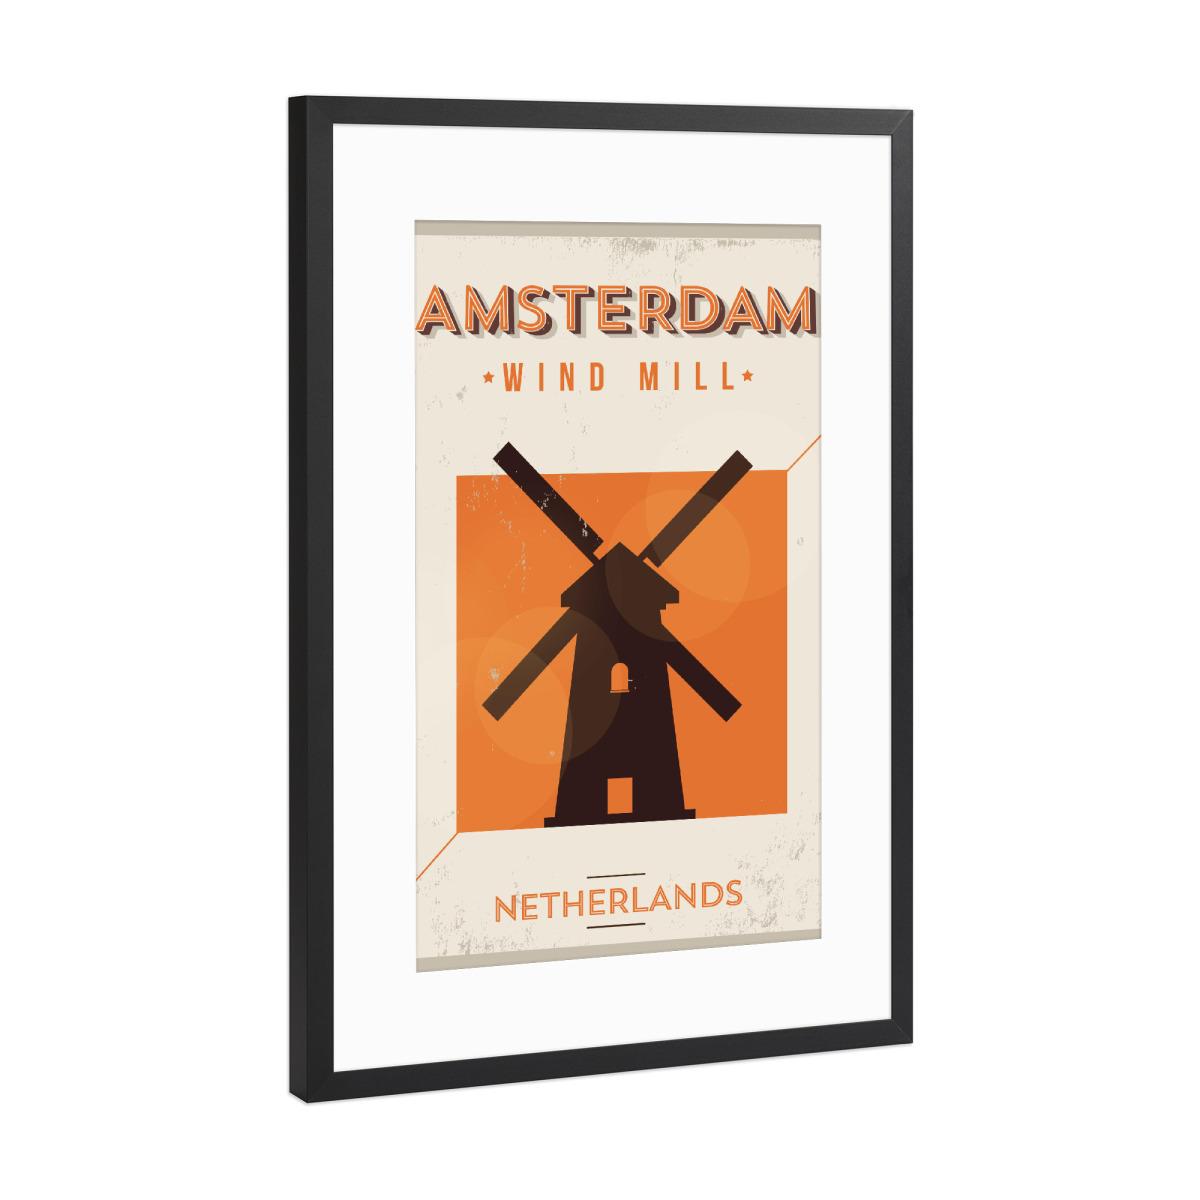 Vintage Amsterdam City Poster als Gerahmt bei artboxONE kaufen